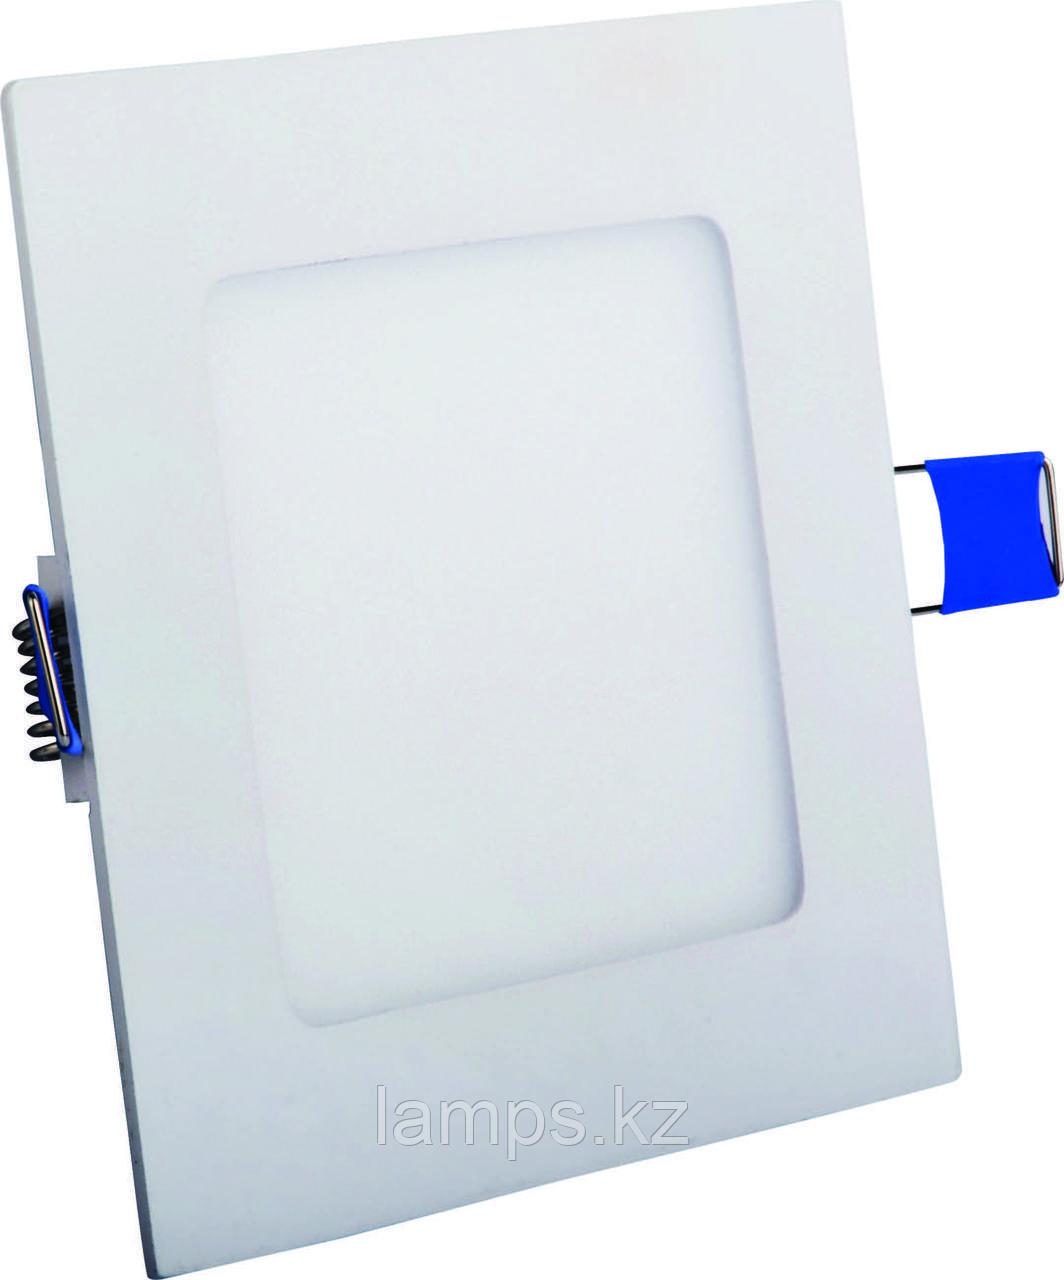 Светодиодная встраиваемая панель квадратная LENA-SX/24W/SMD/6000K/Φ275MM/CBOX